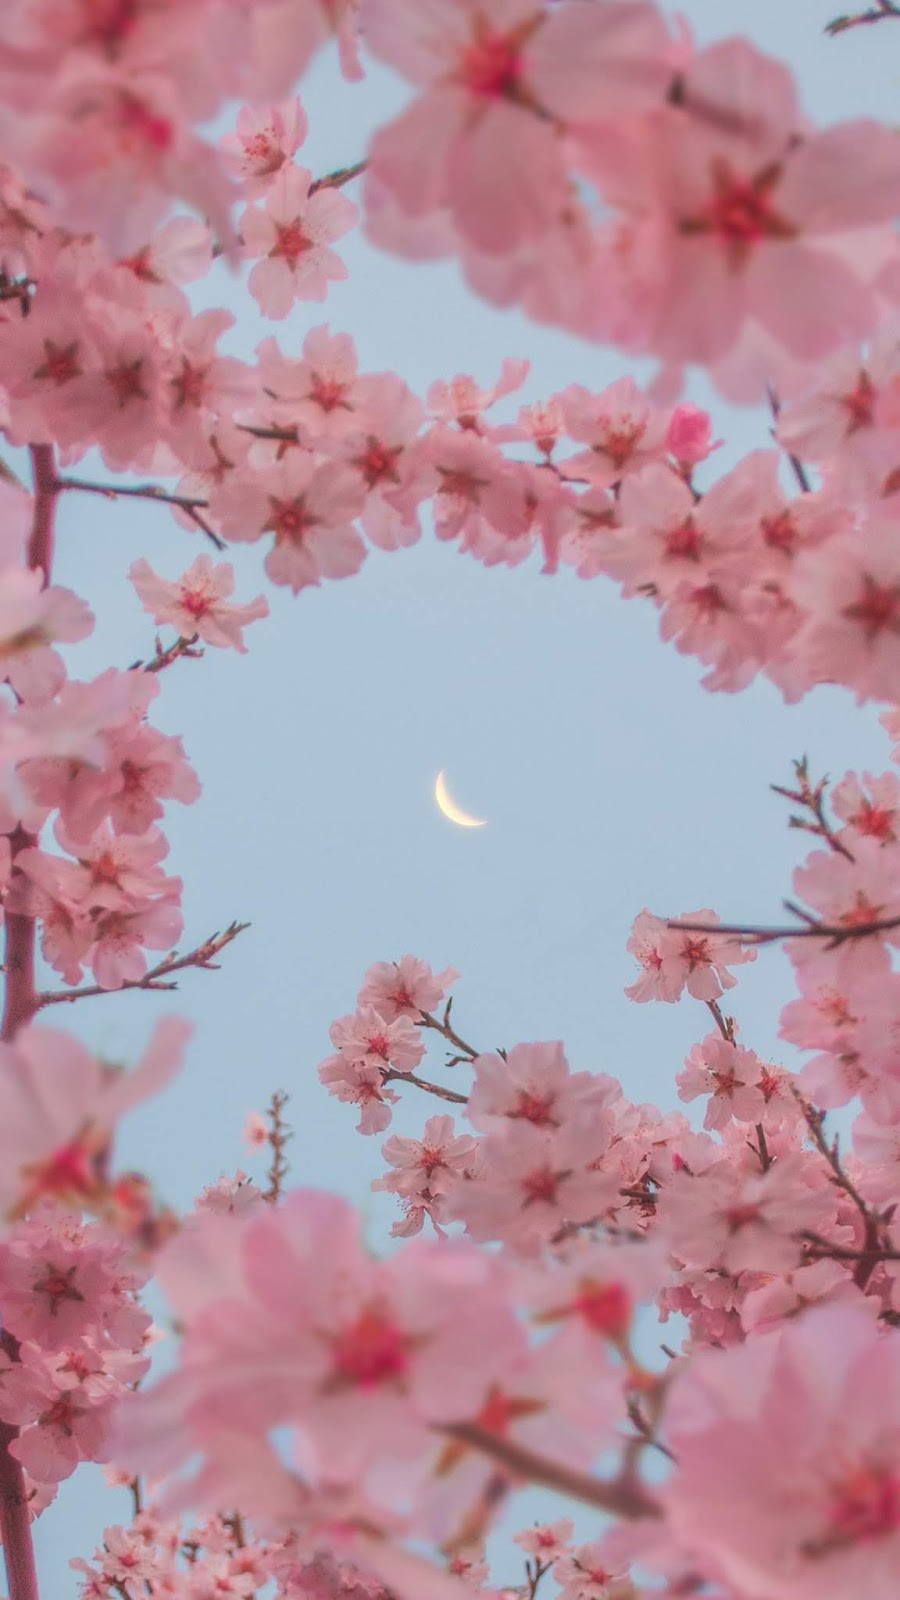 Hoa anh đào giữa bầu trời